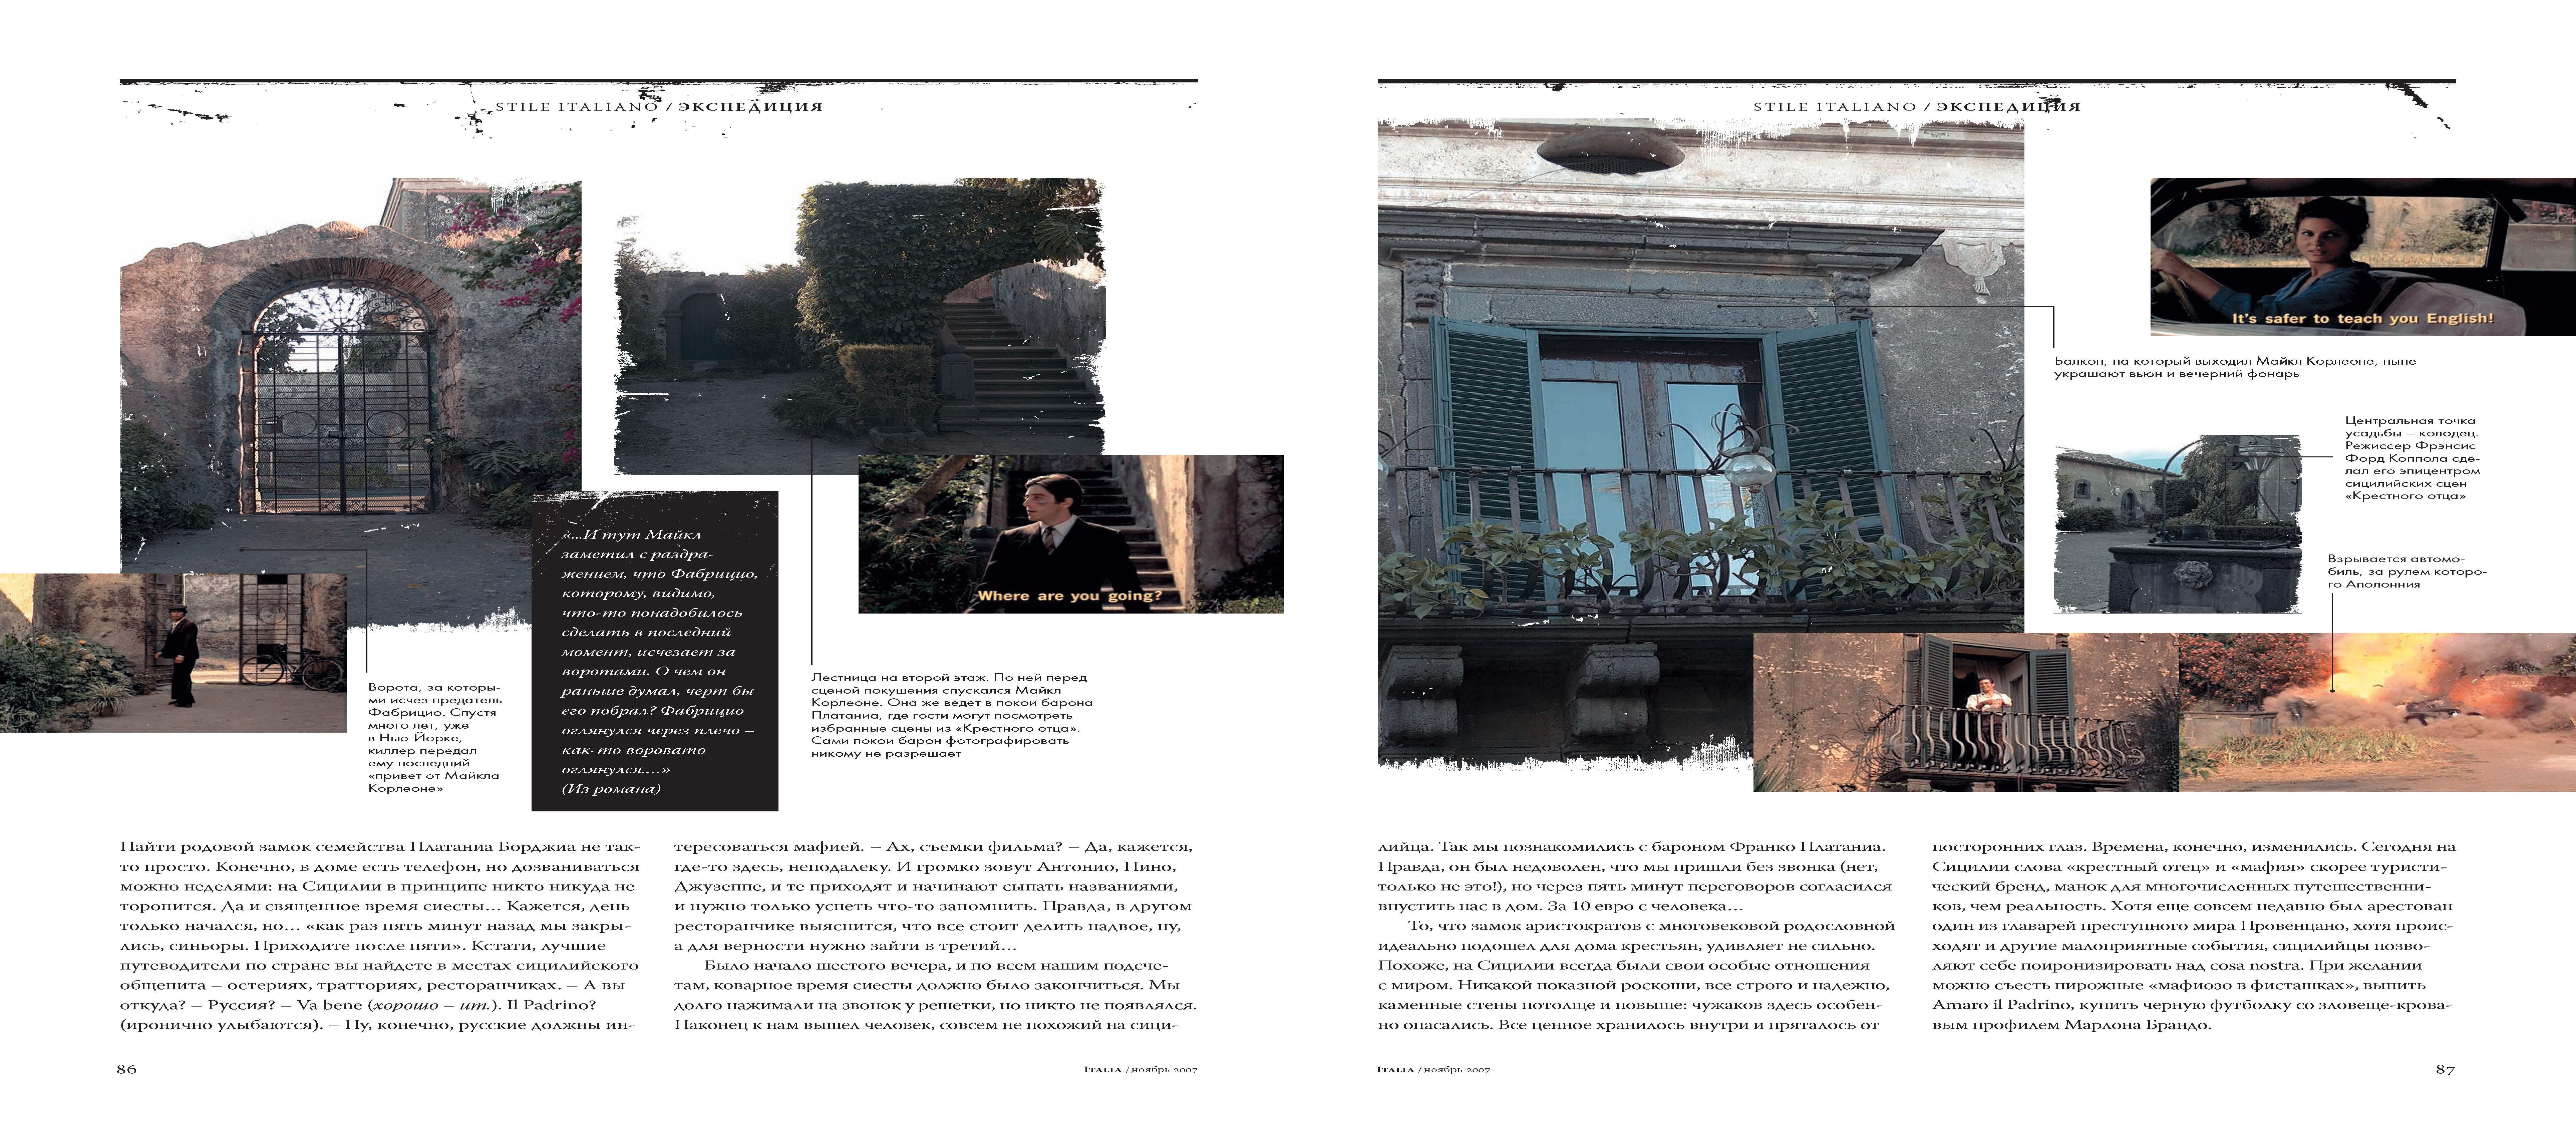 2_080_Corleone 1_Page_04